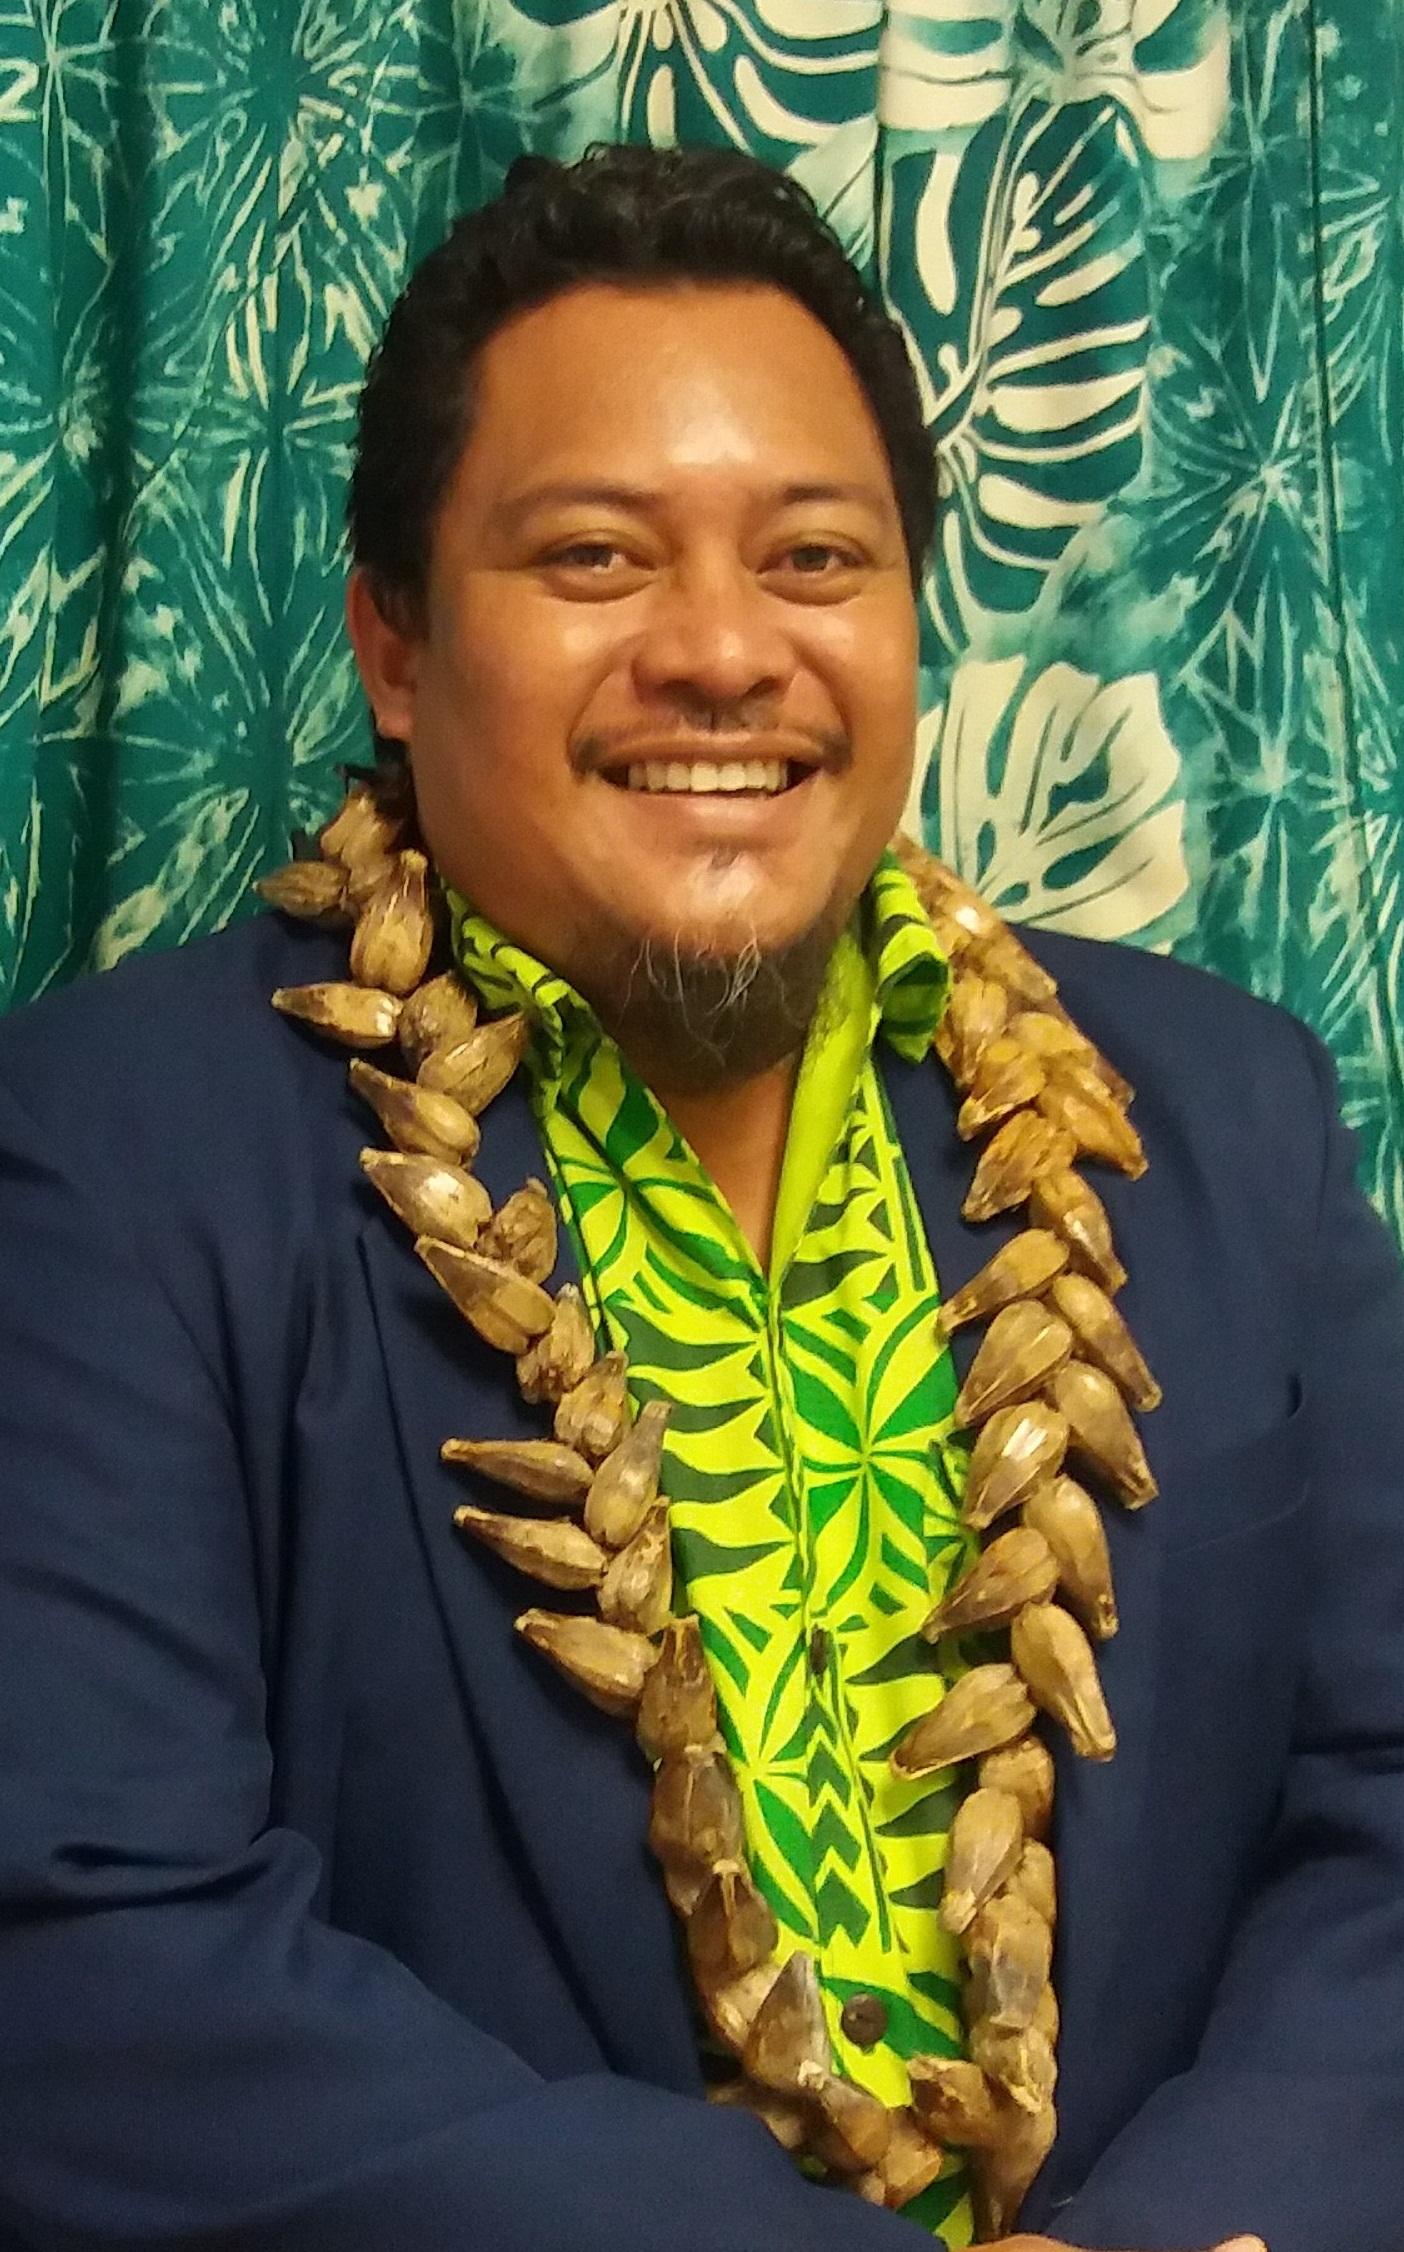 Muaausa Marshal Maua